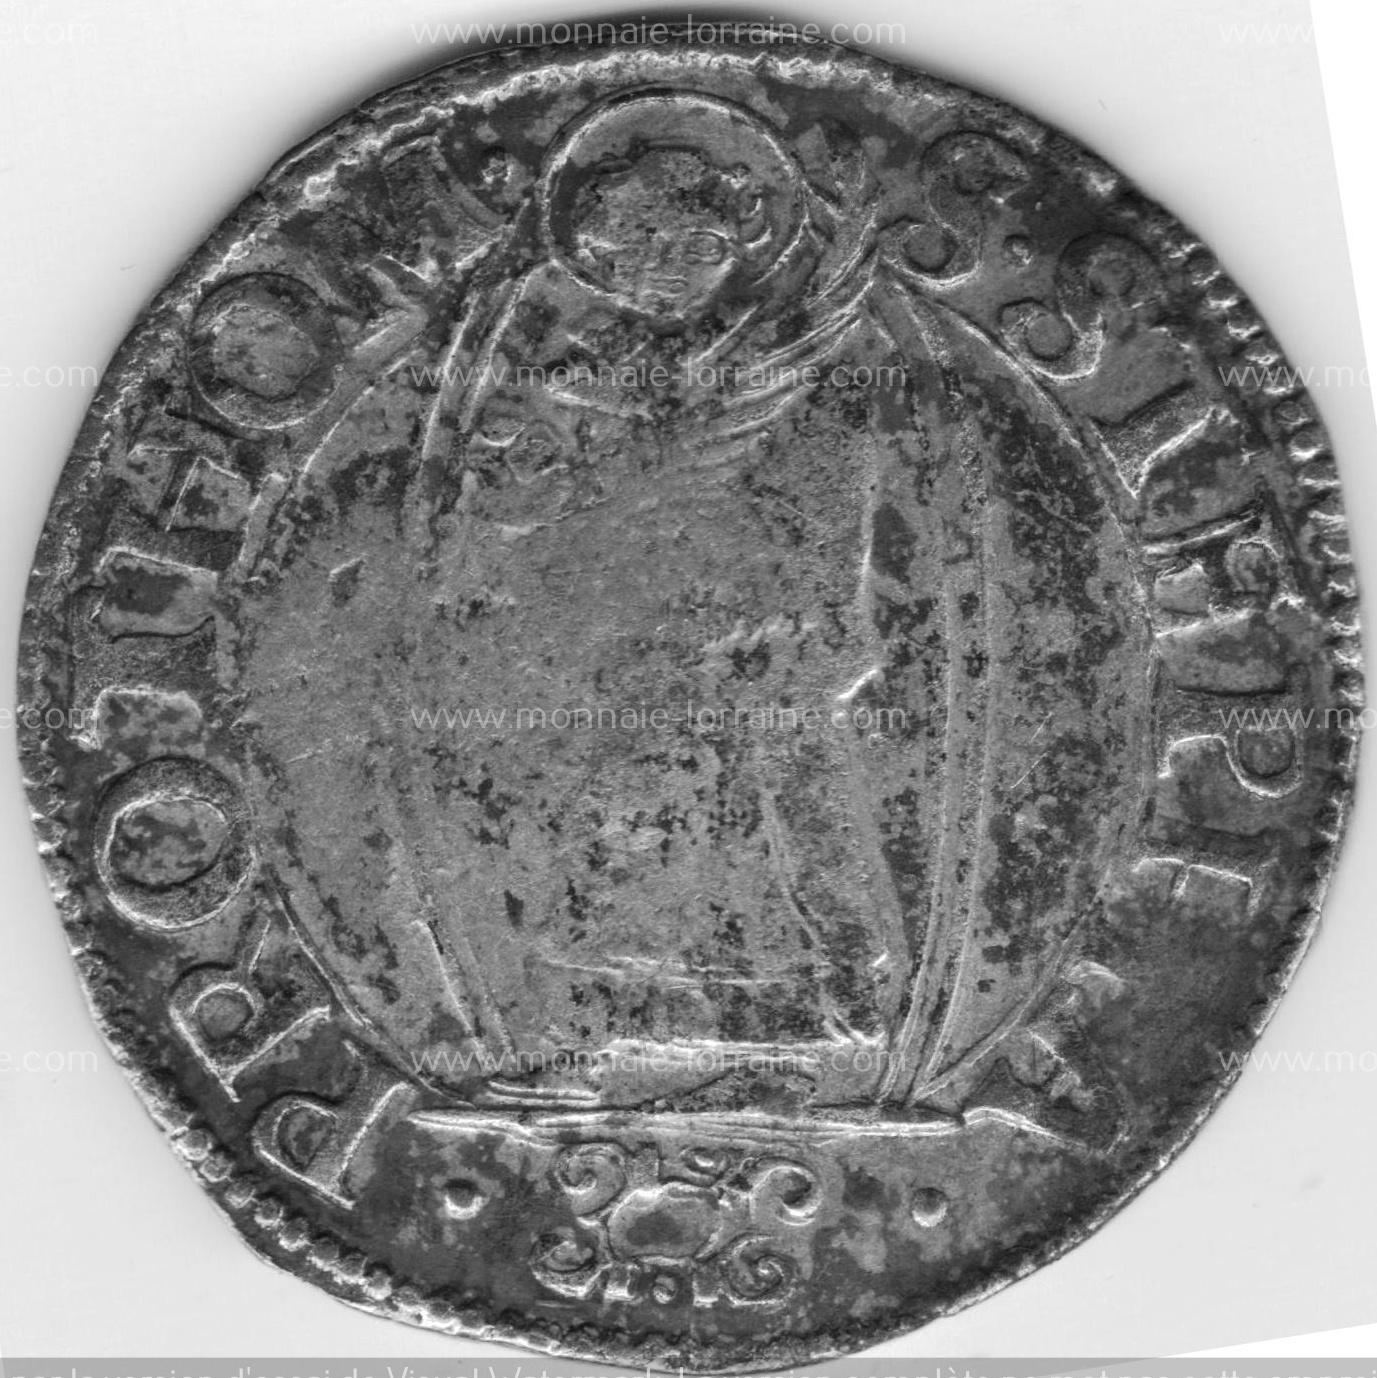 Messerano imitation du teston au st etienne en pieds 7 353 av copie 2